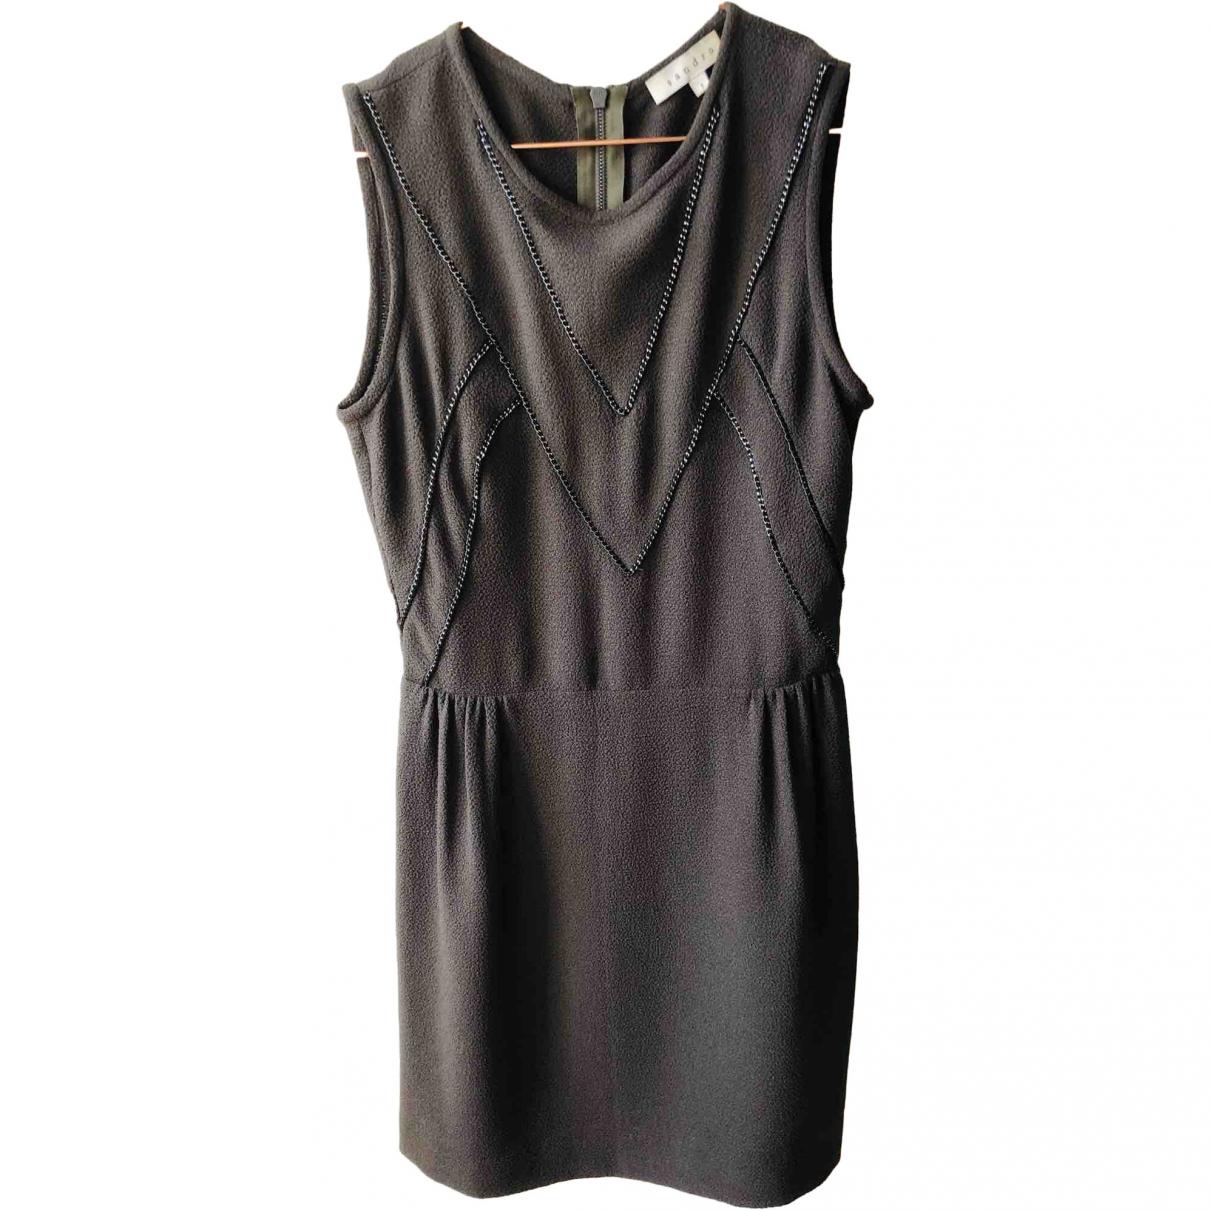 Sandro \N Green dress for Women S International